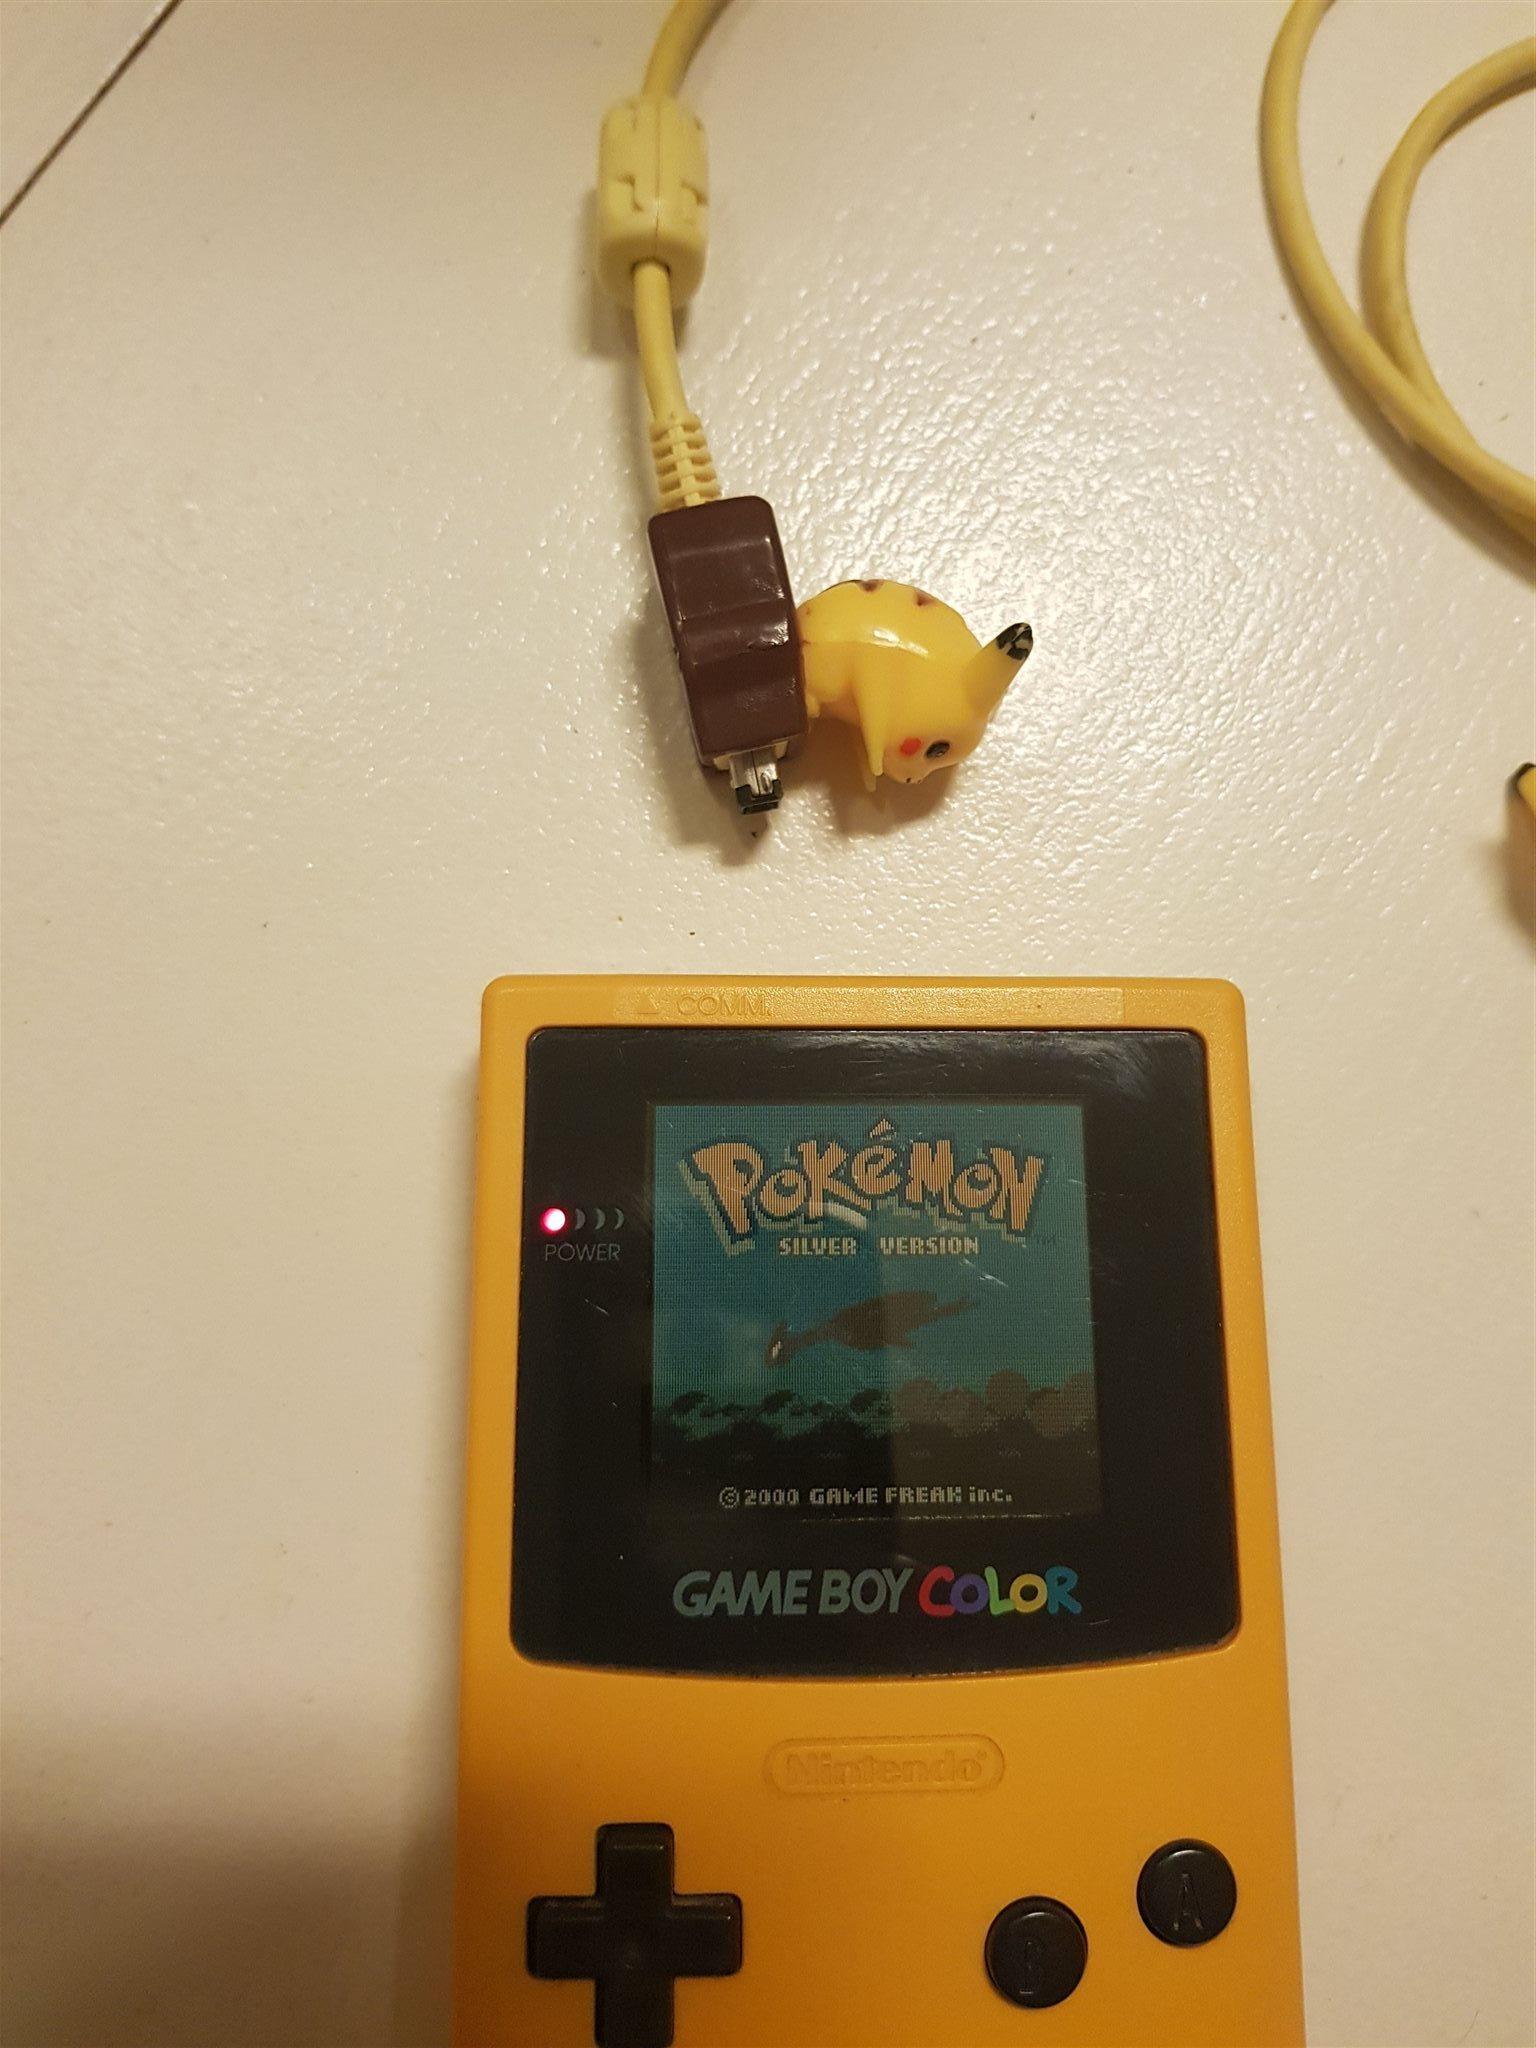 Game boy color kabel - Gameboy Color Pikachu Link Kabel 16 Bes Kare Gameboy Color Pikachu Link Kabel